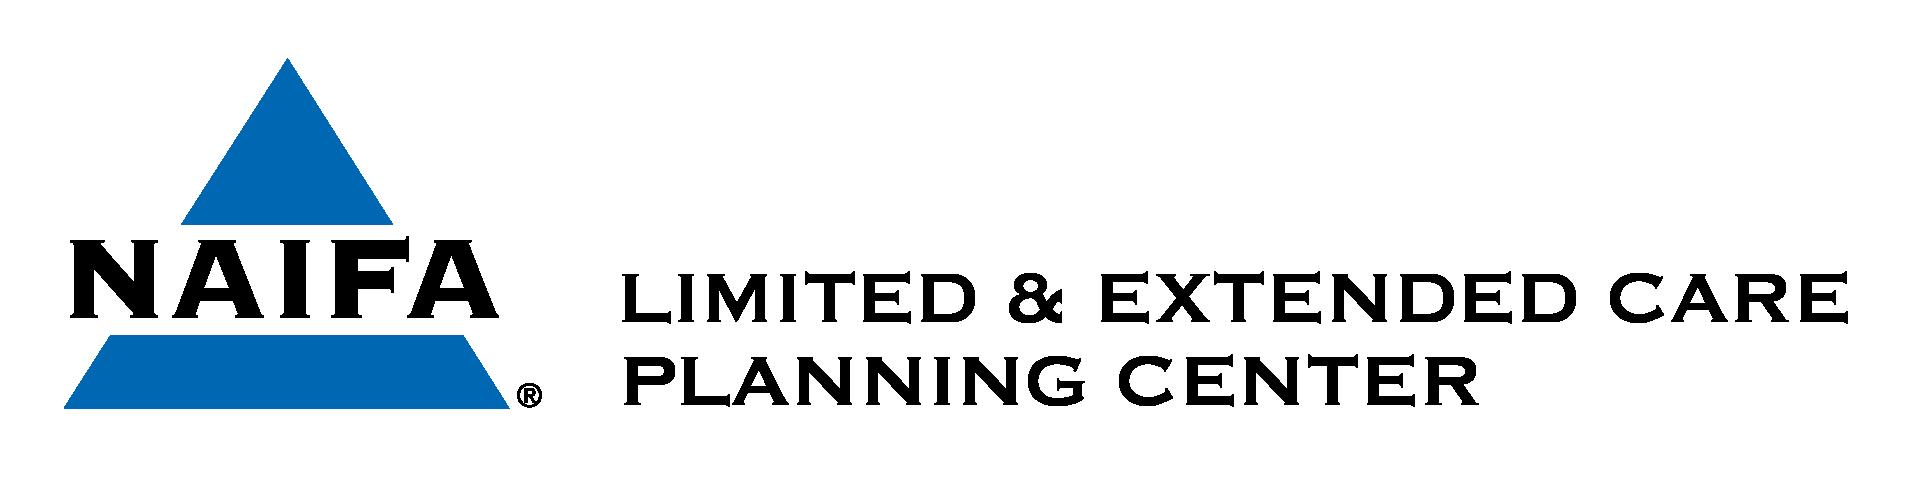 NAIFA_LECPlanningCenterlogo-01-1